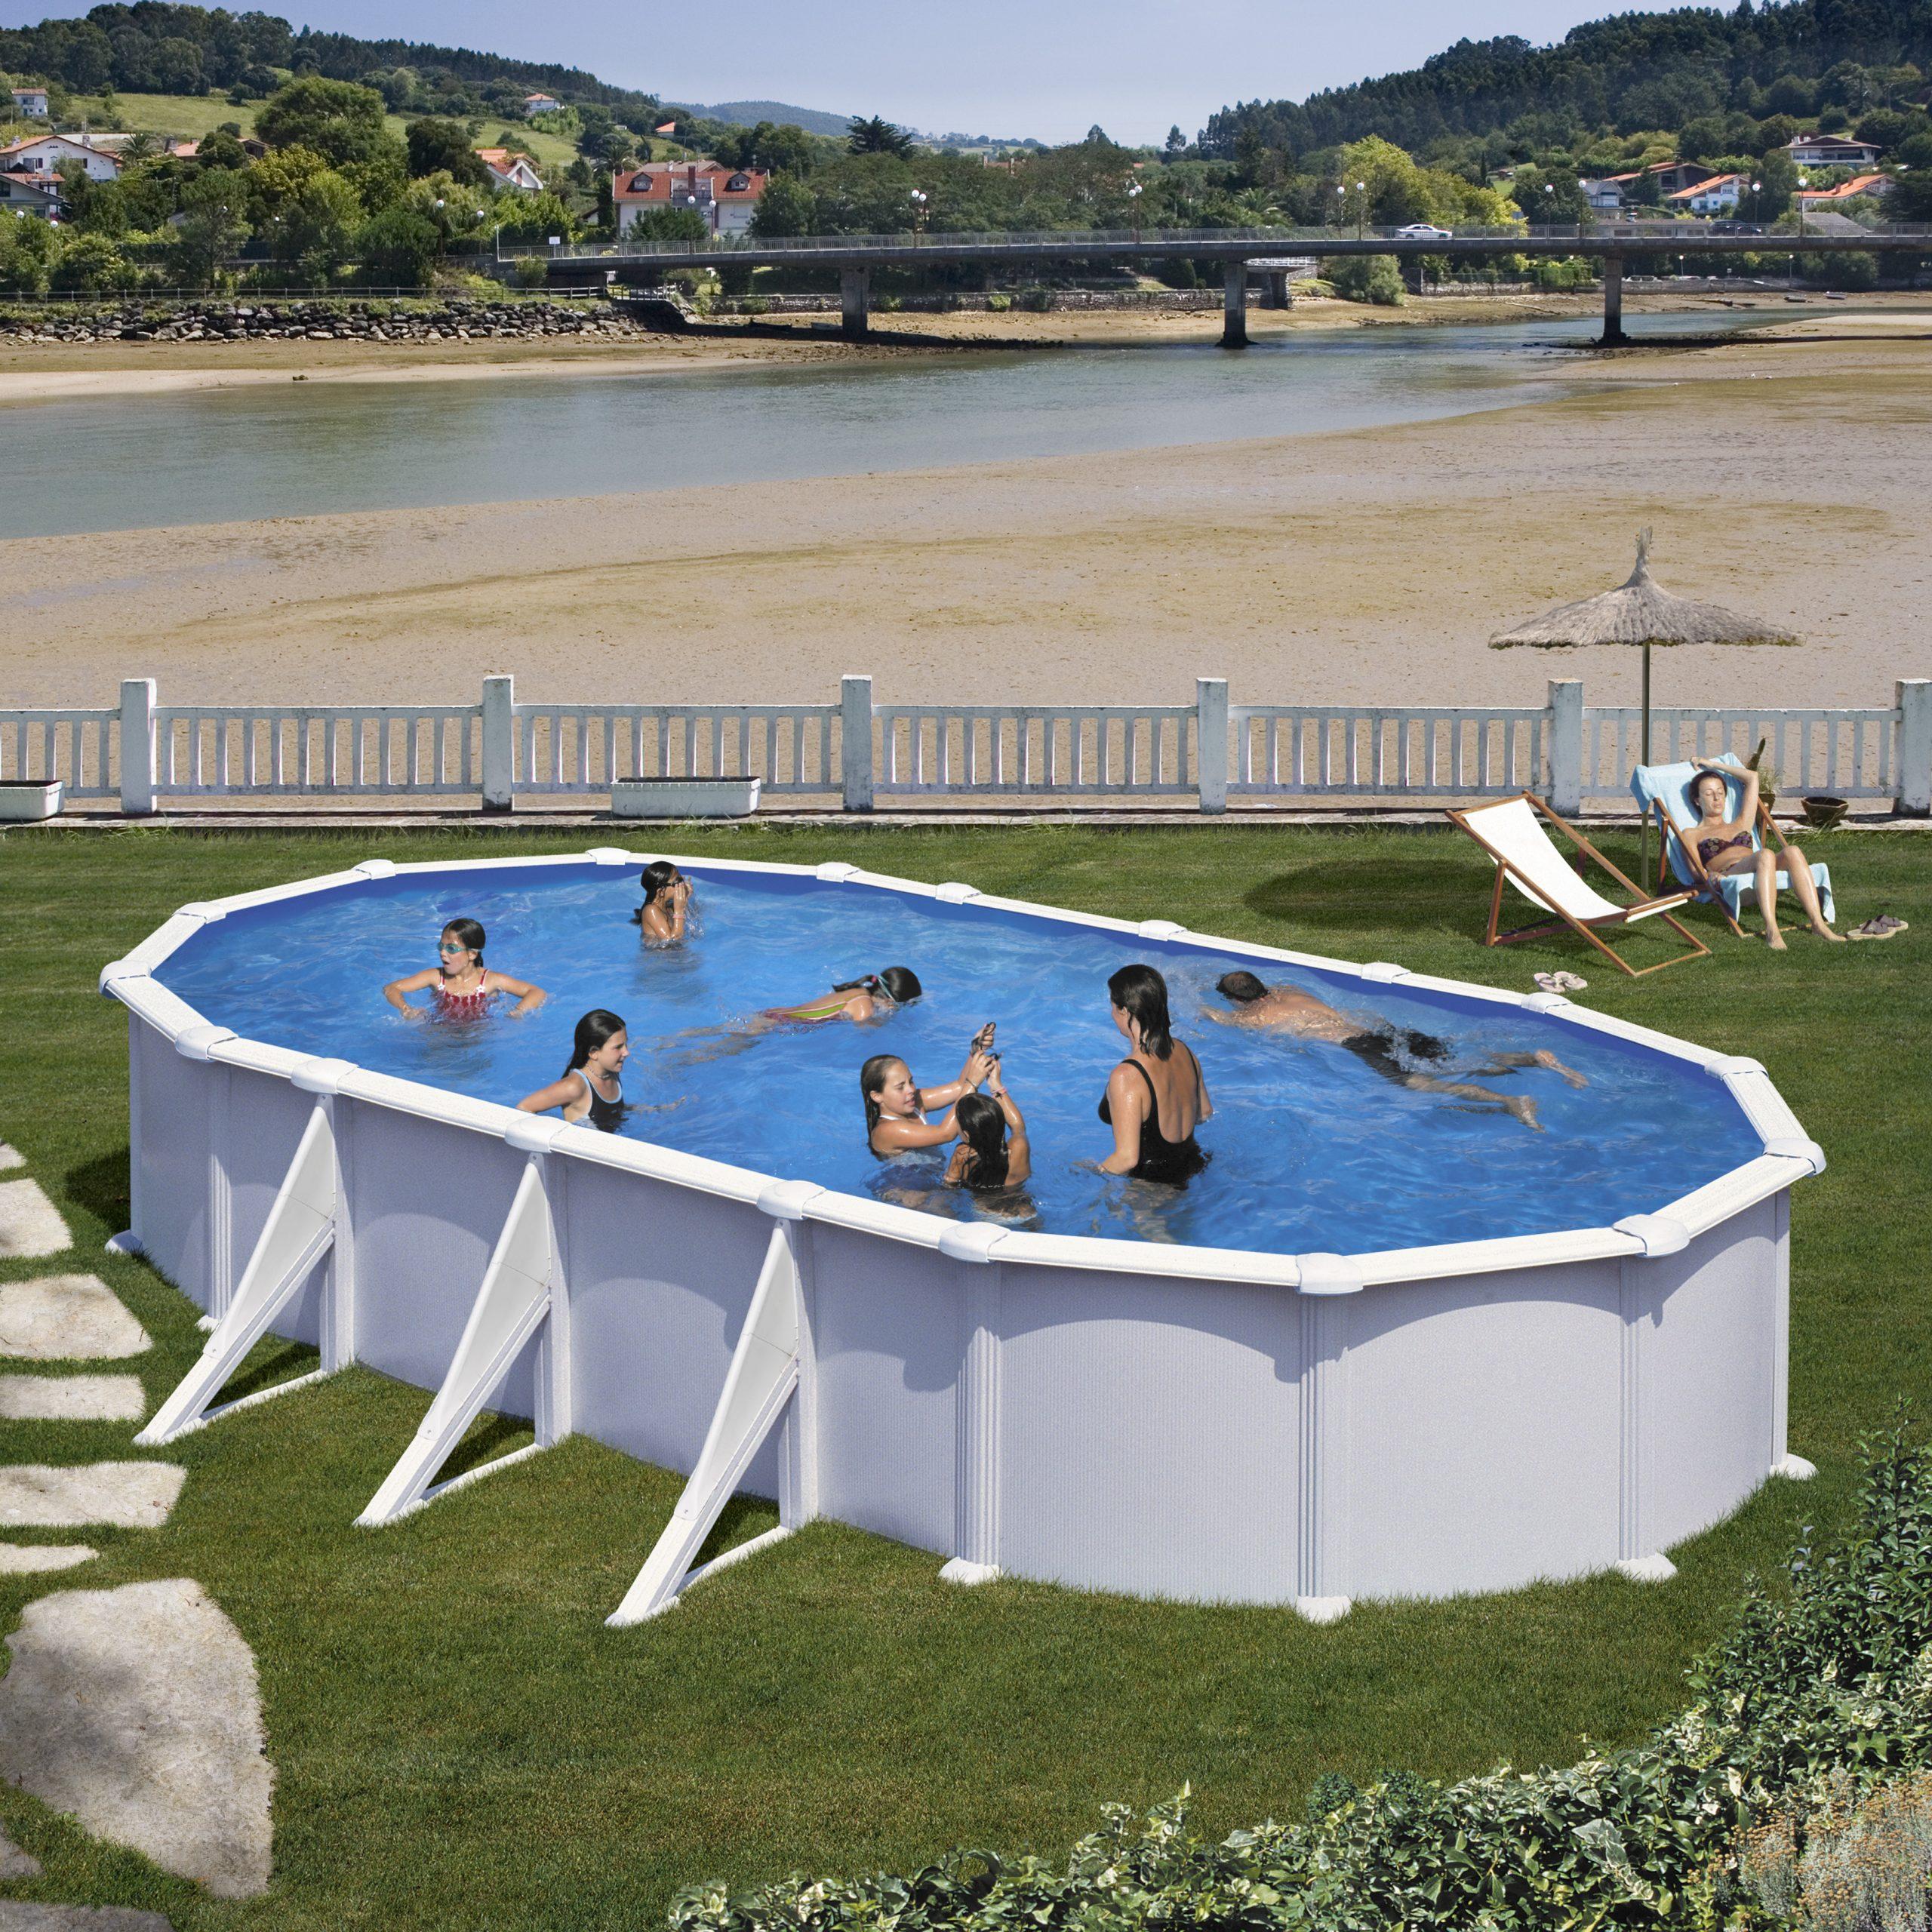 Piscine Acier Atlantis 7,30X3,75X1,32M Ovale Blanche - Gre destiné Piscine Acier Ovale